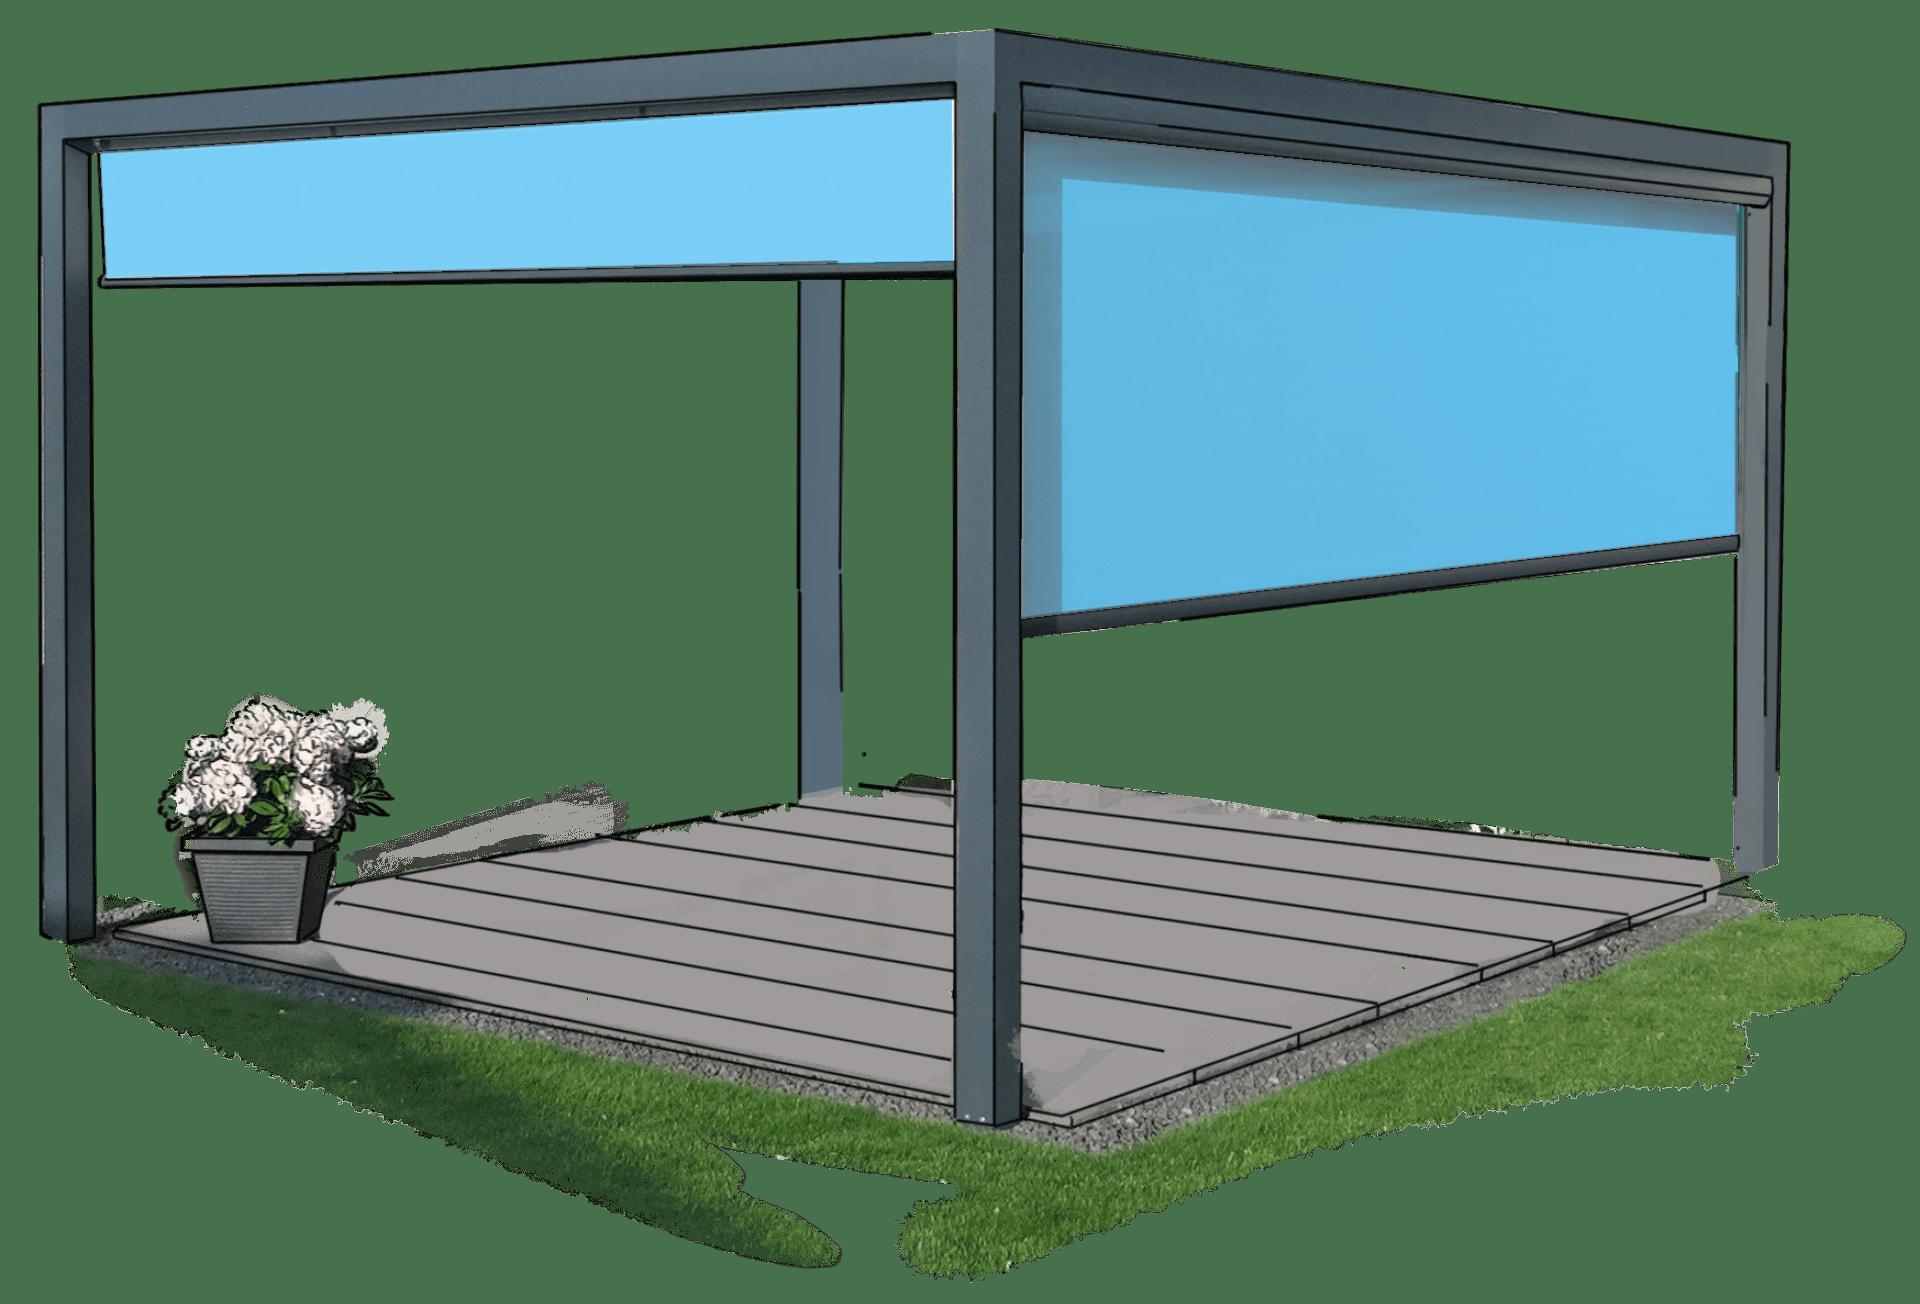 Zeichnung von Zanker Velero - Lounge Beschattung